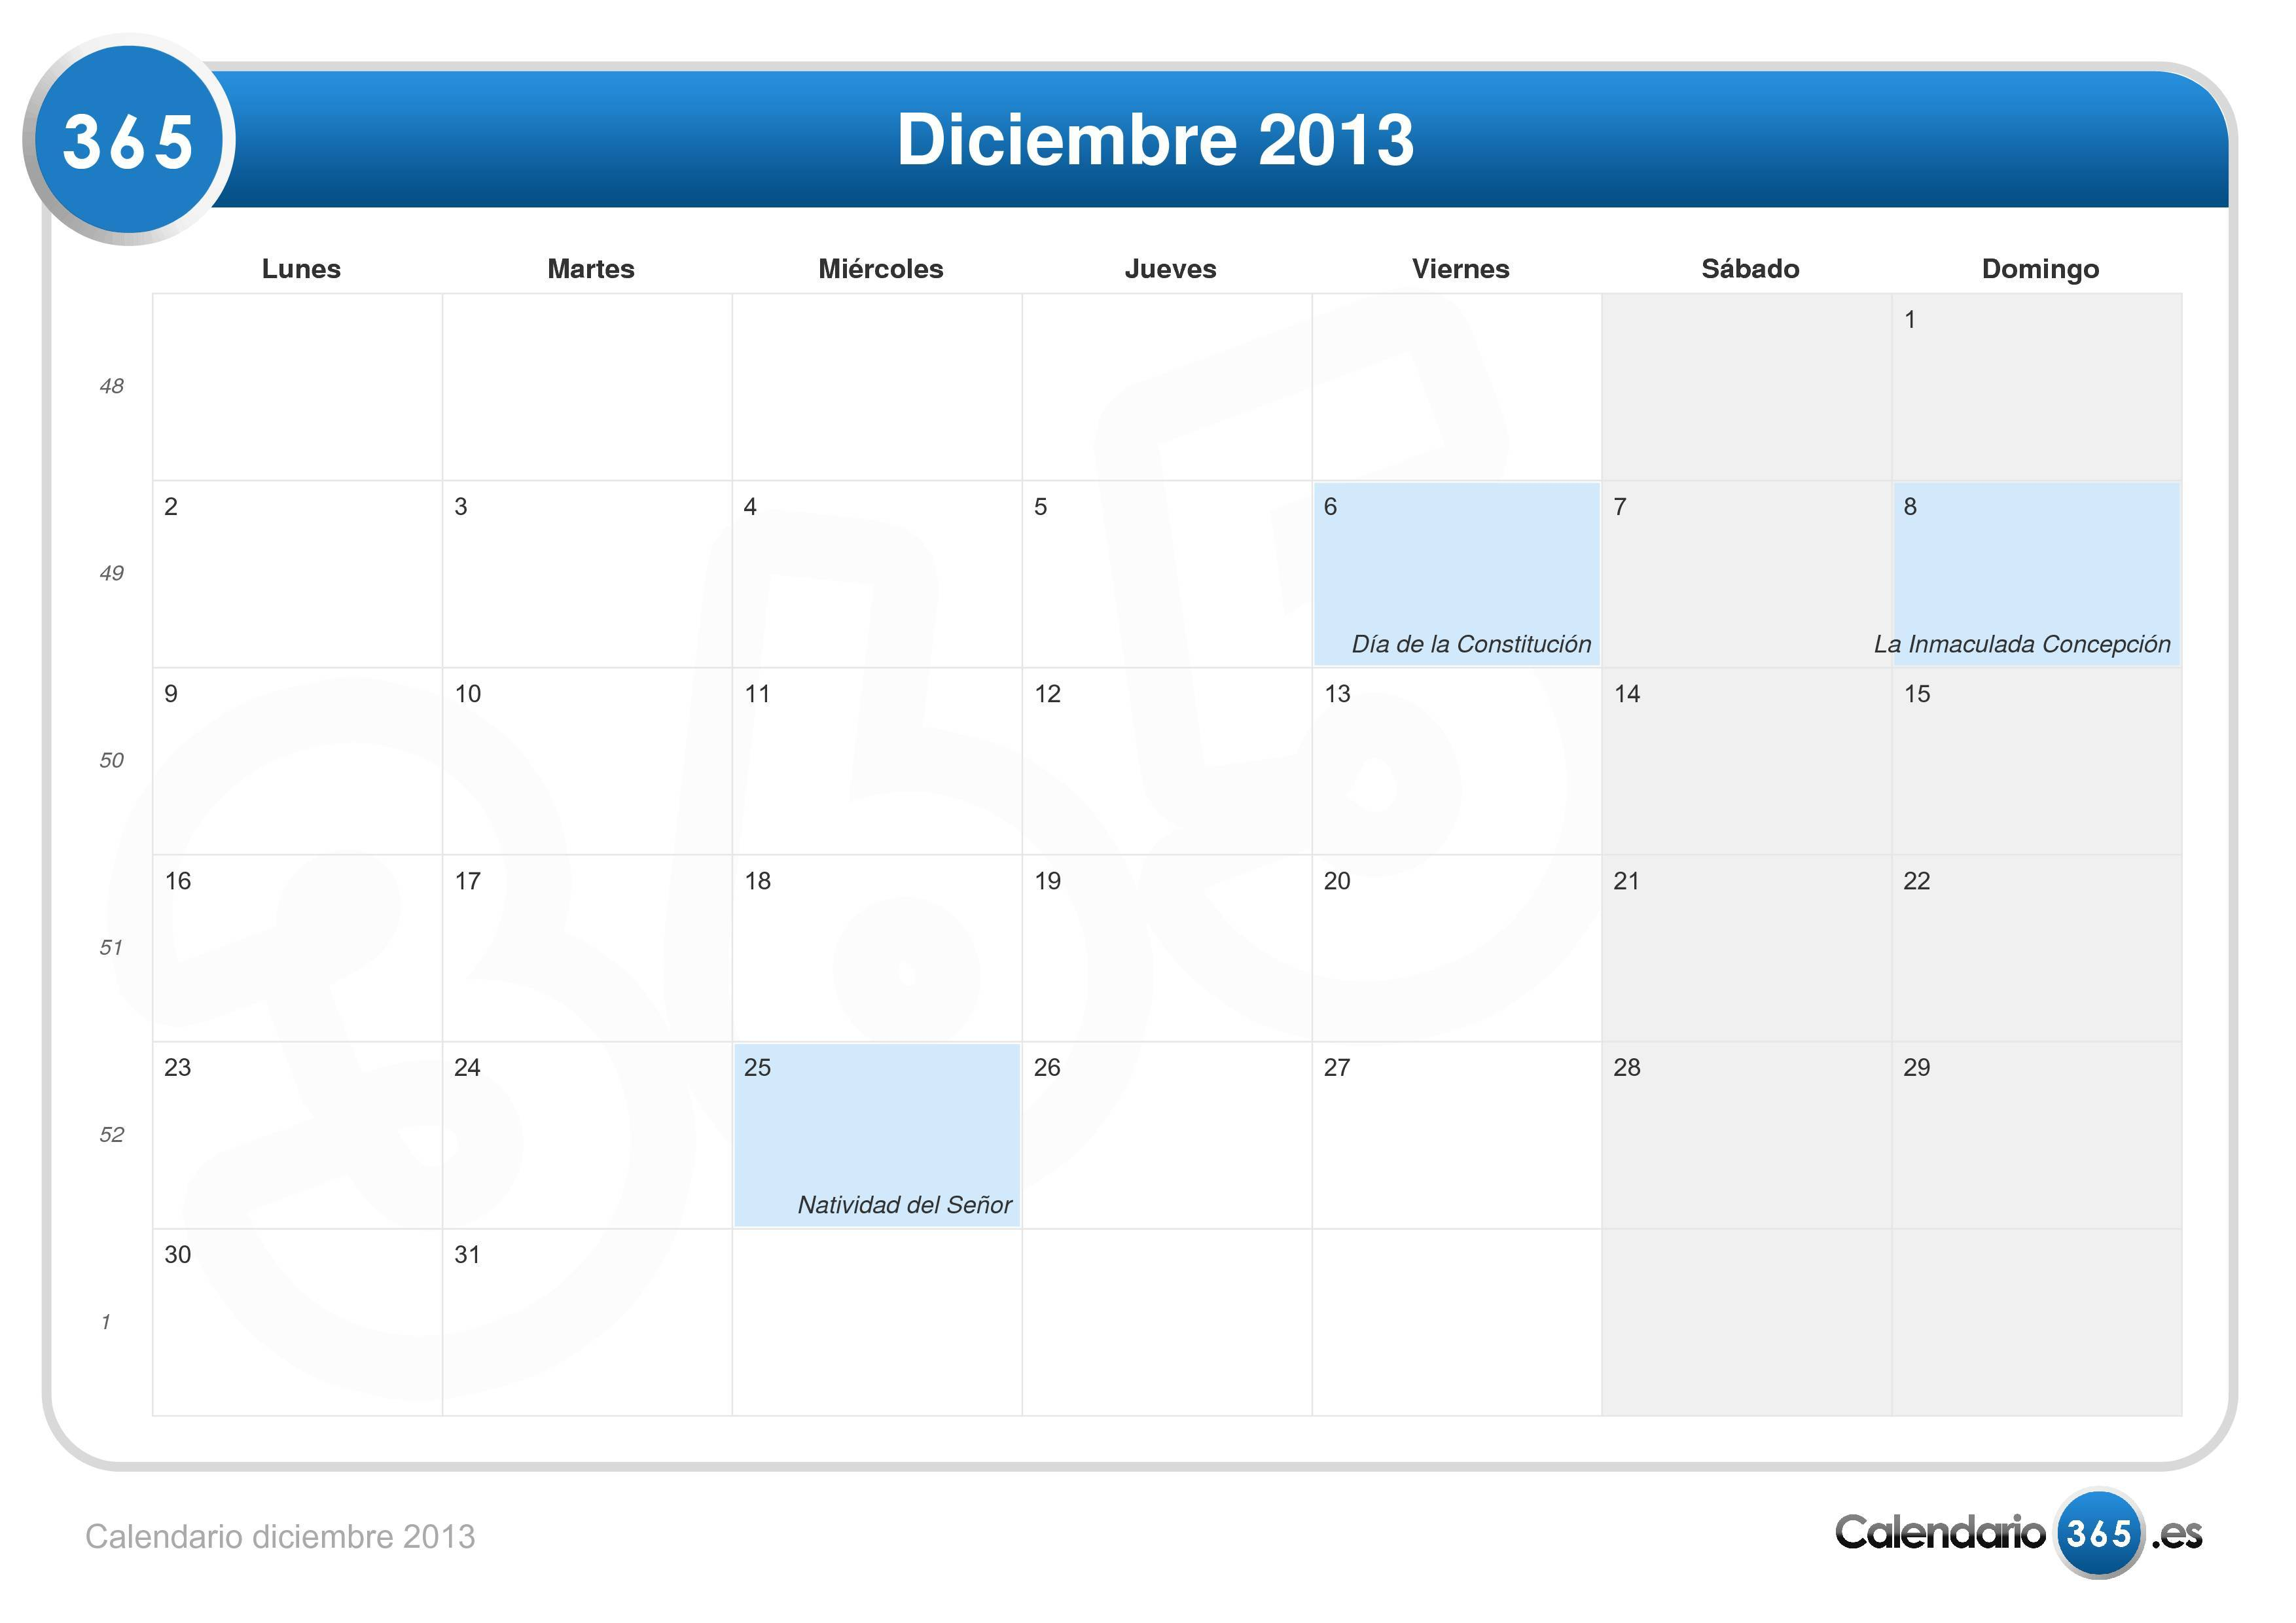 Calendario diciembre 2013